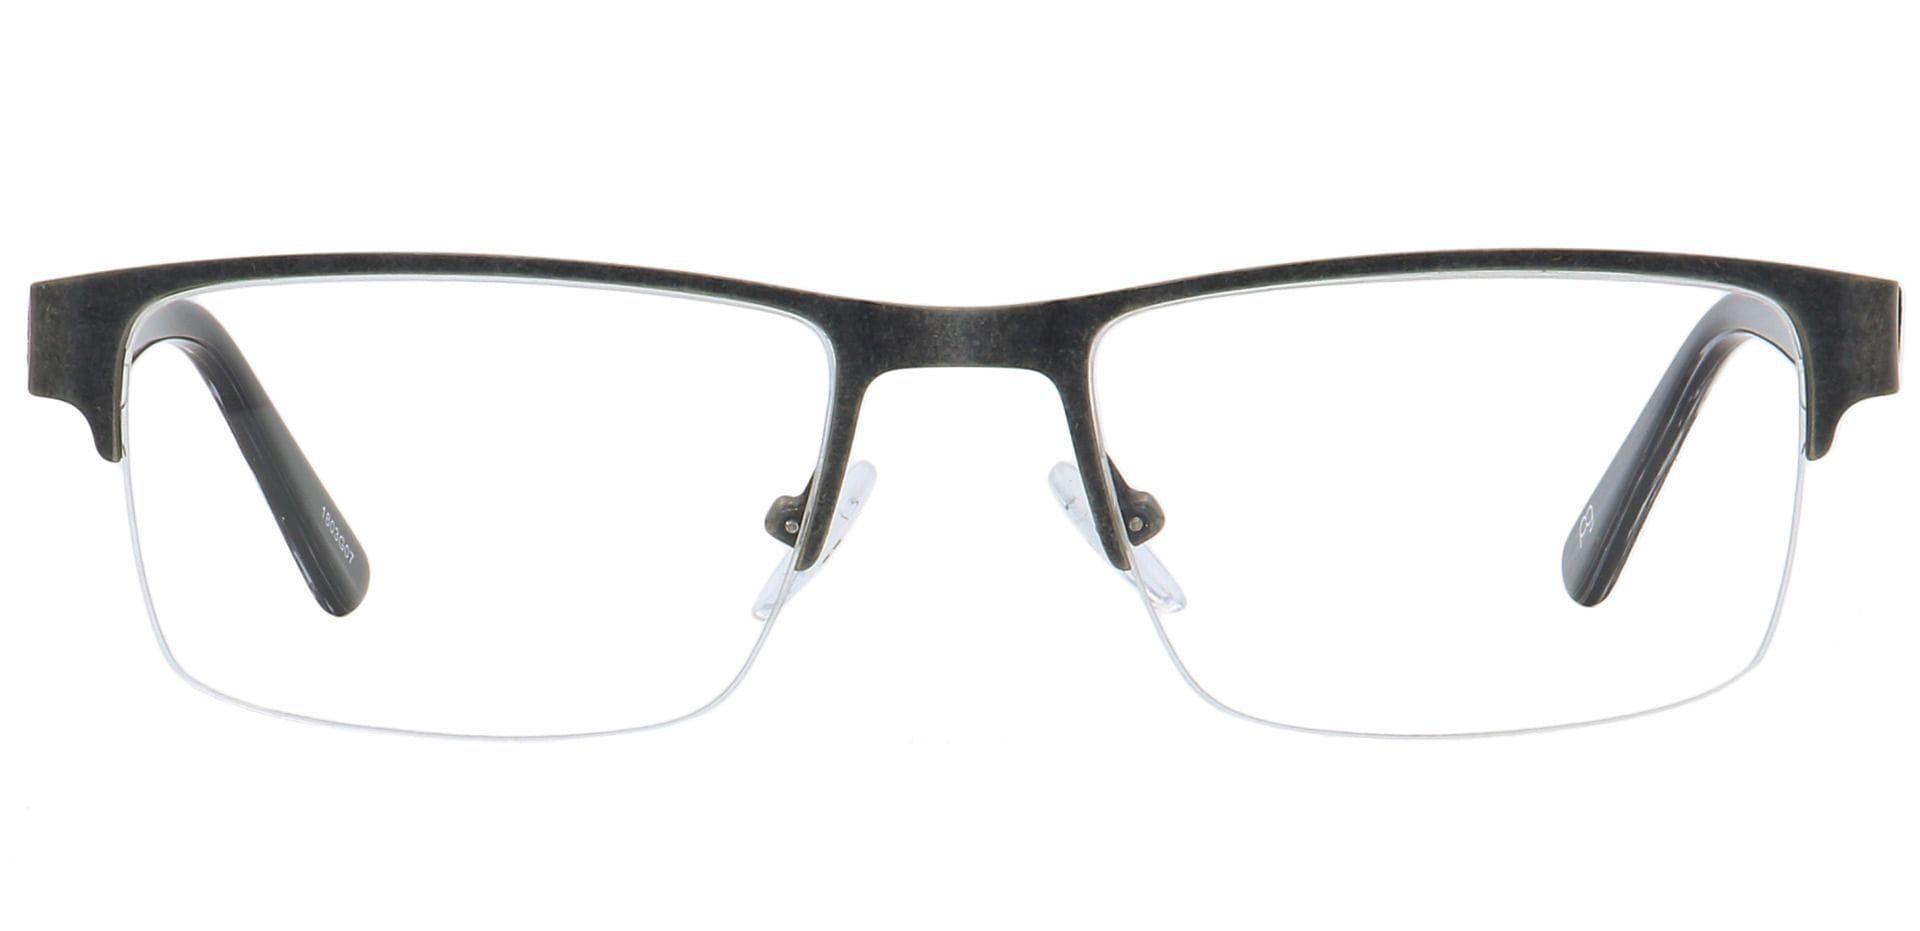 Midnight Square Prescription Glasses - Gray